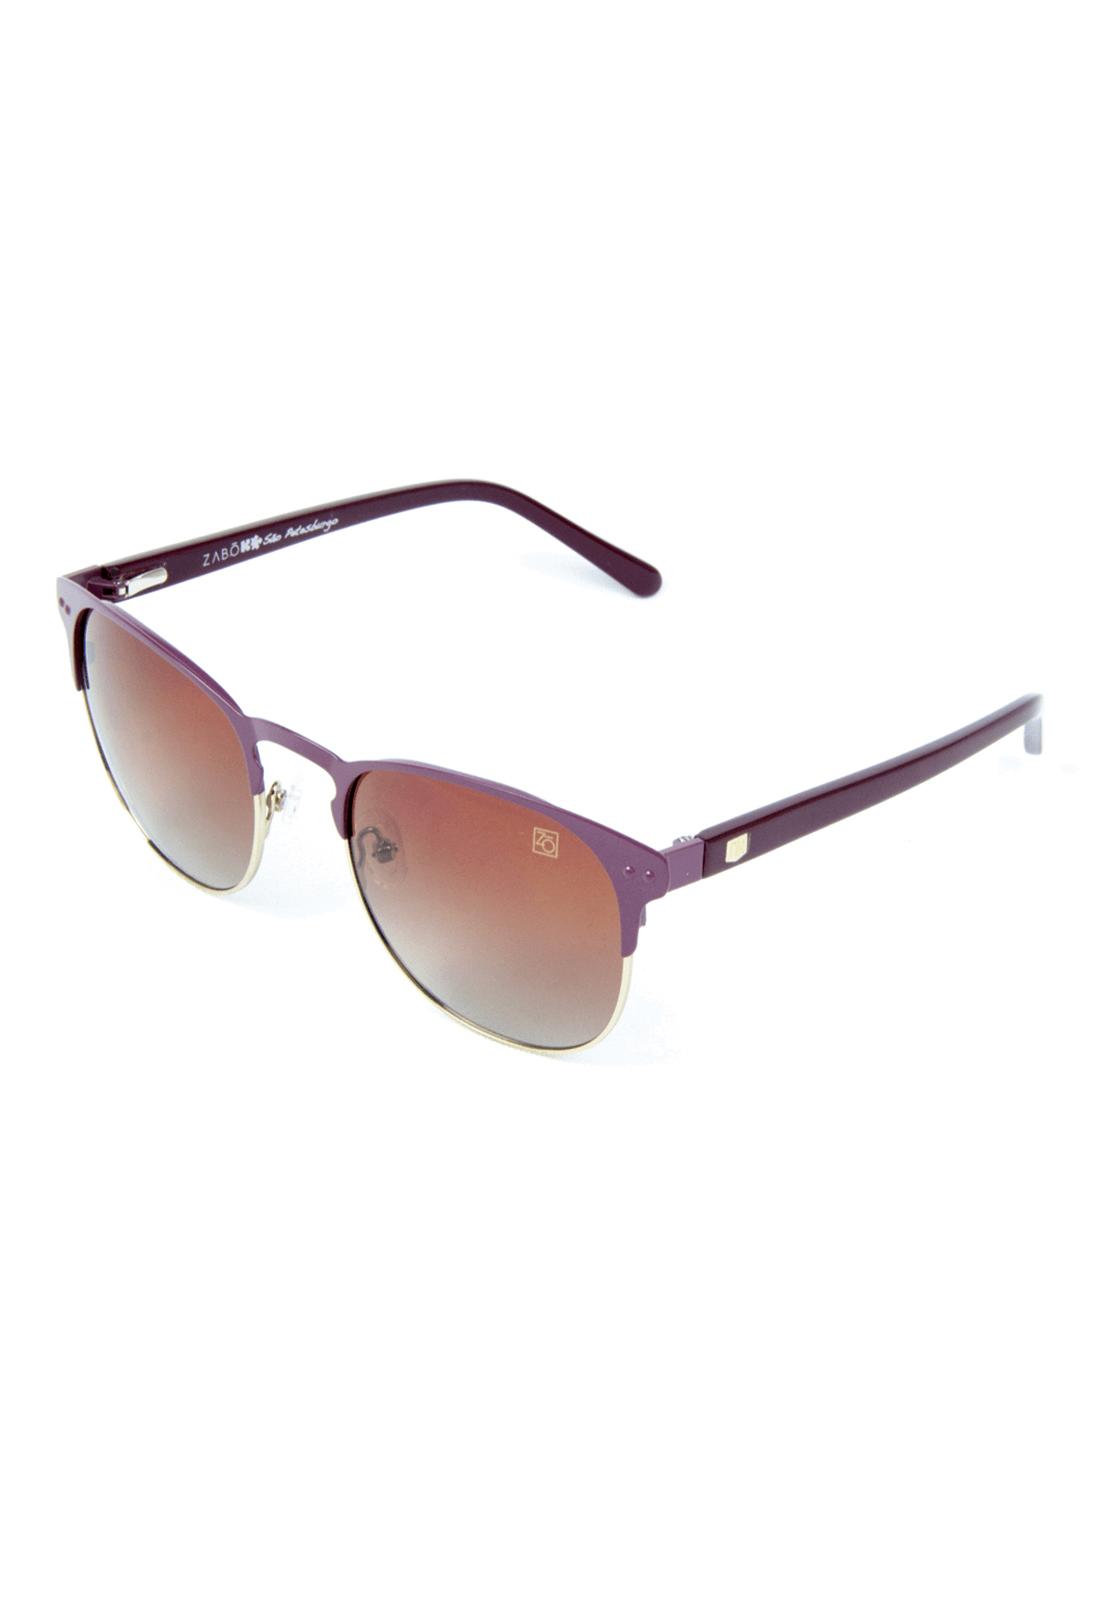 9992987b9 óculos de sol e de grau com proteção UV modelos variados